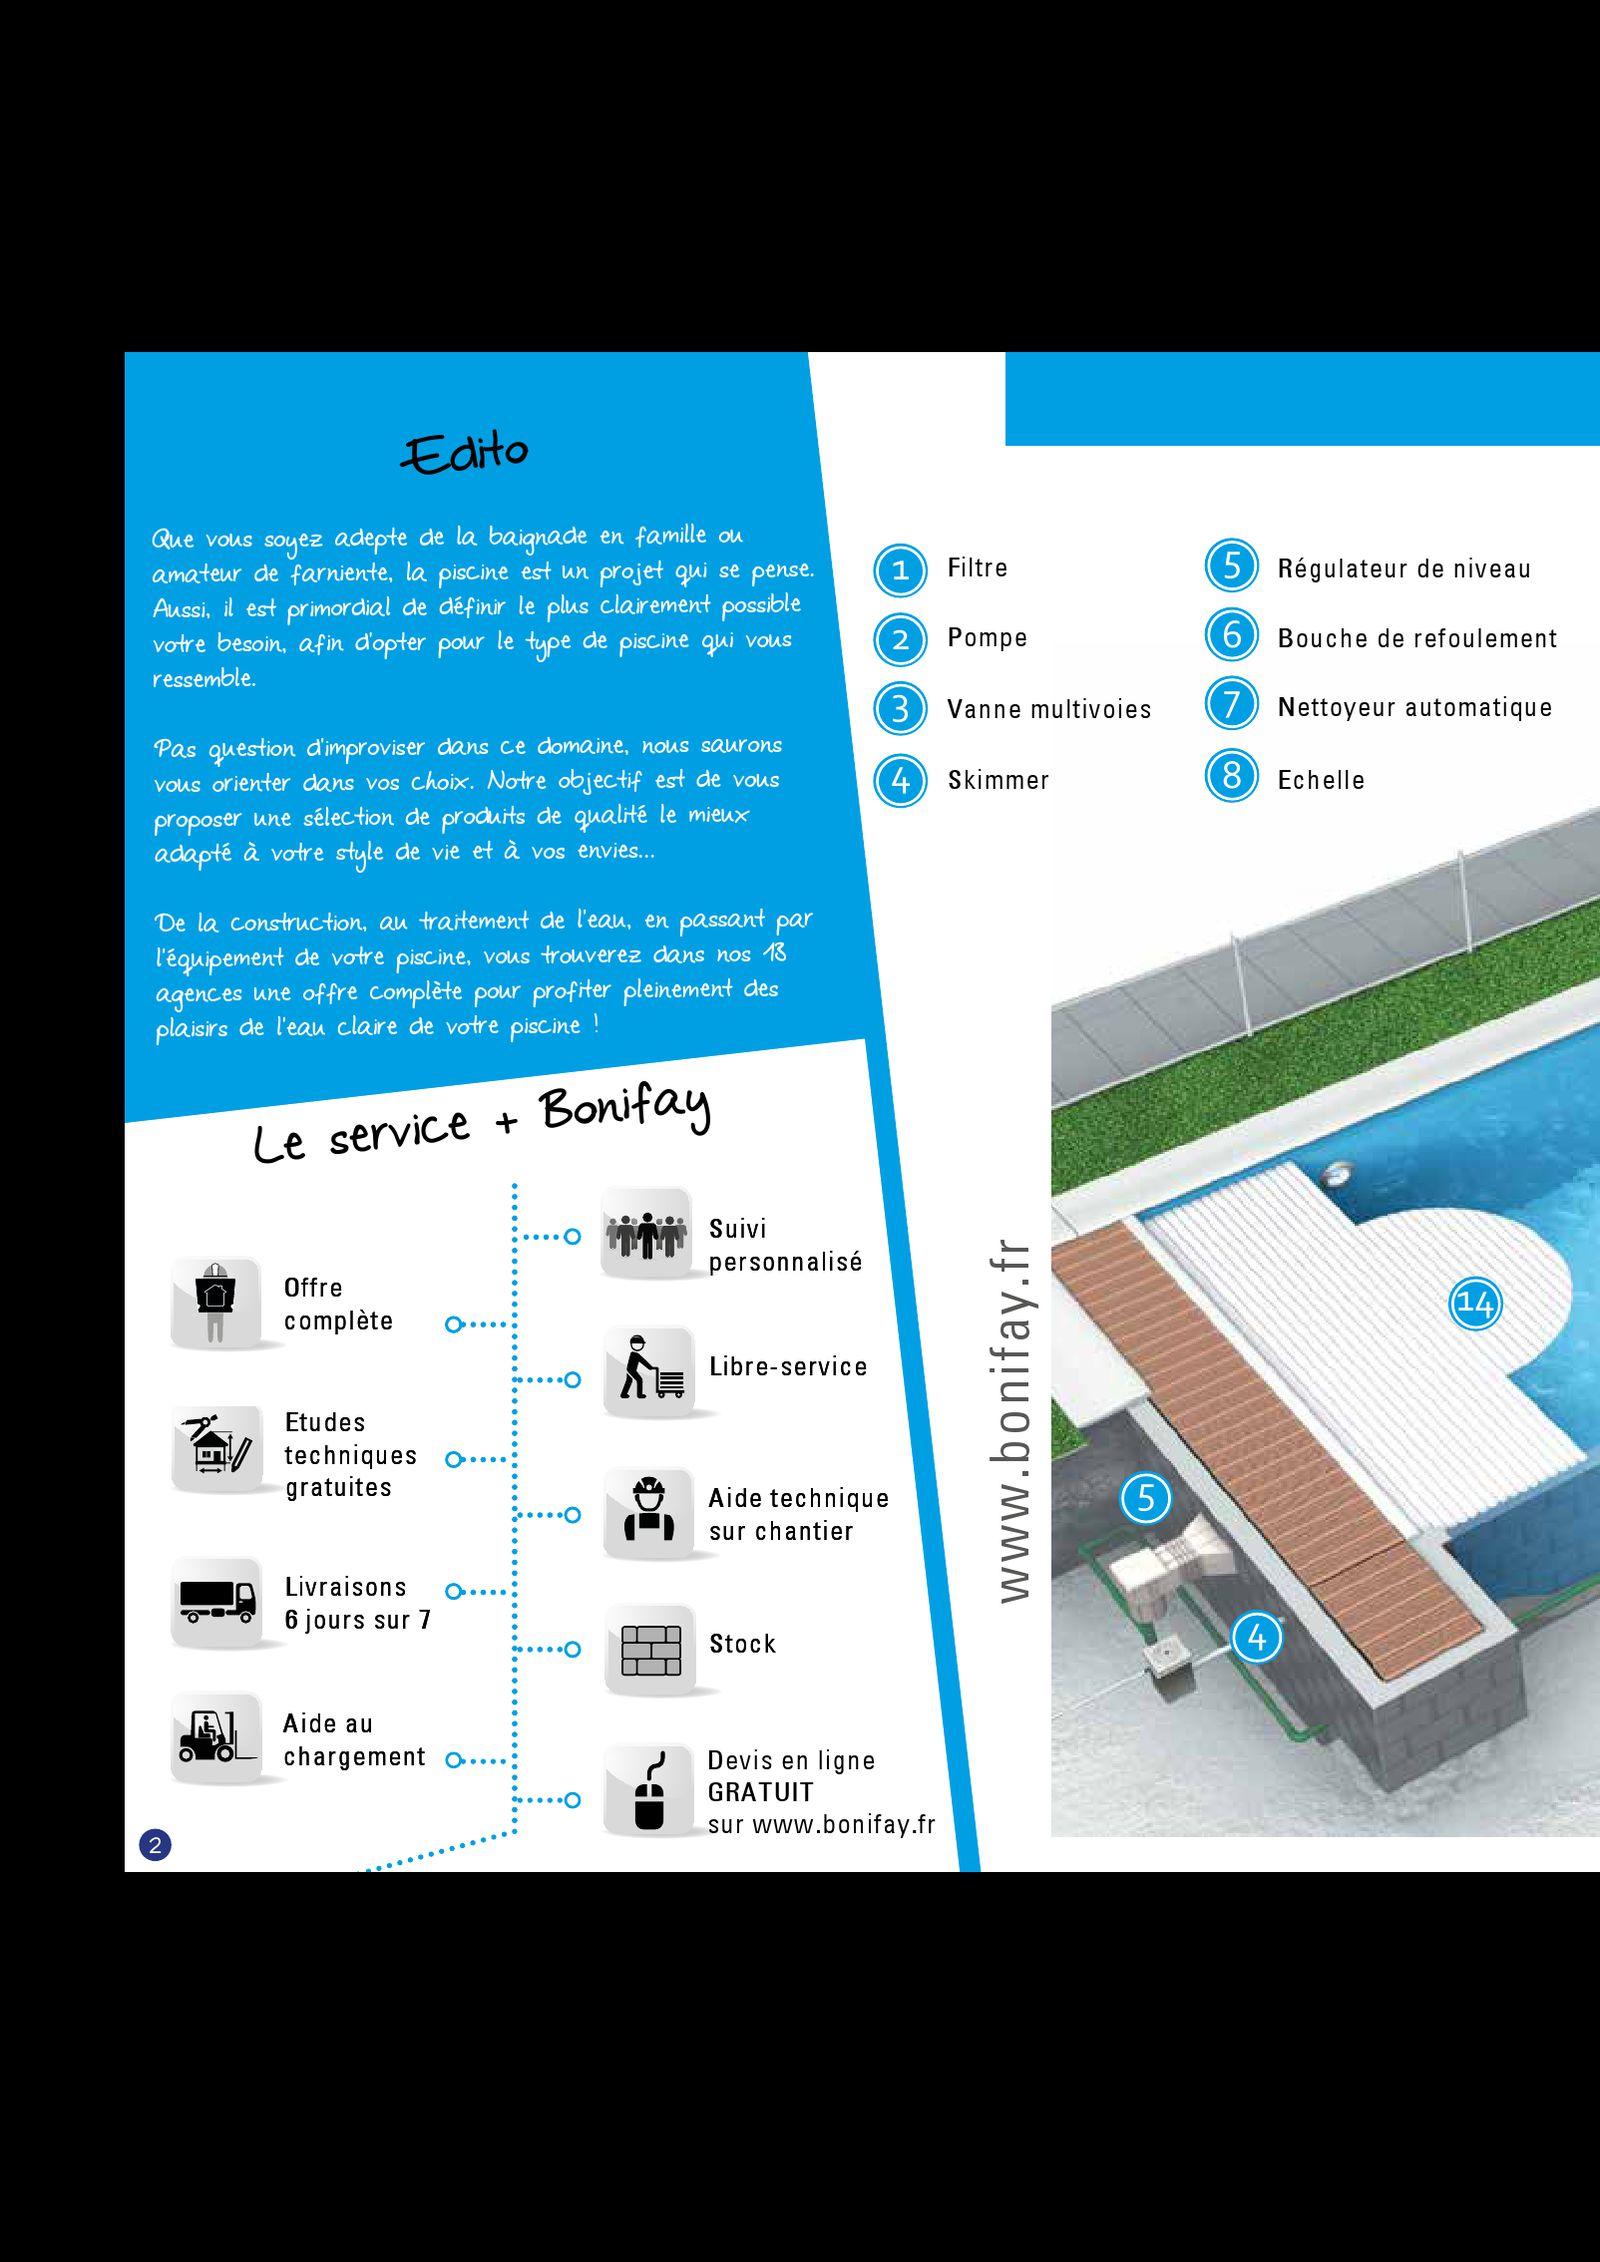 alarme piscine bonifay